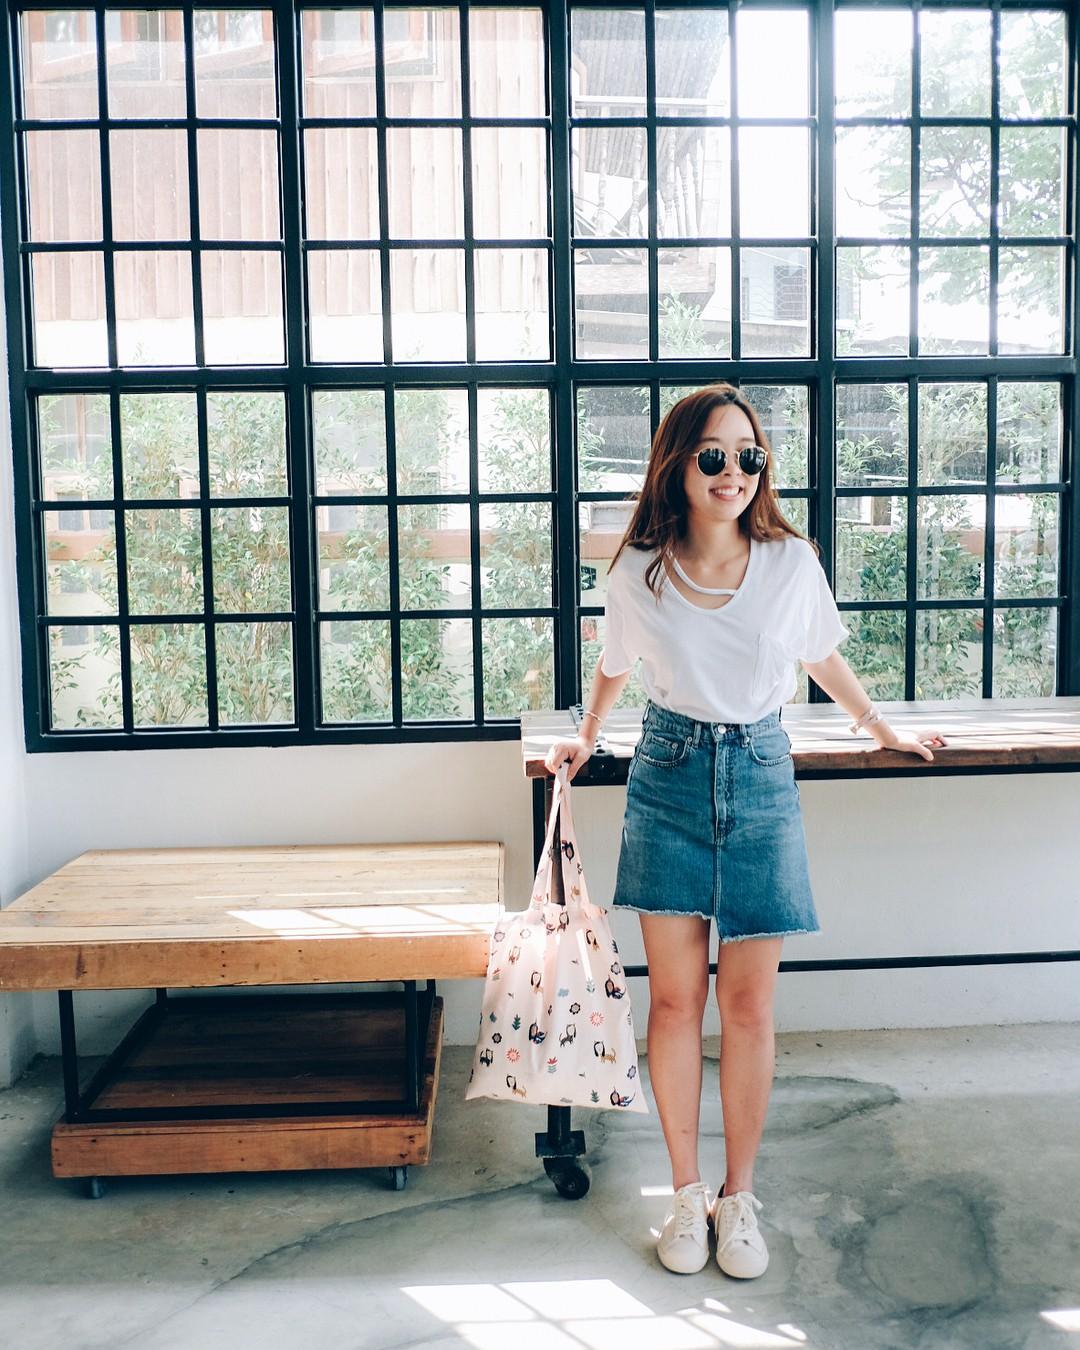 Quanh đi quẩn lại, áo phông trắng vẫn là item dễ mặc nhất và diện được muôn kiểu siêu xinh - Ảnh 6